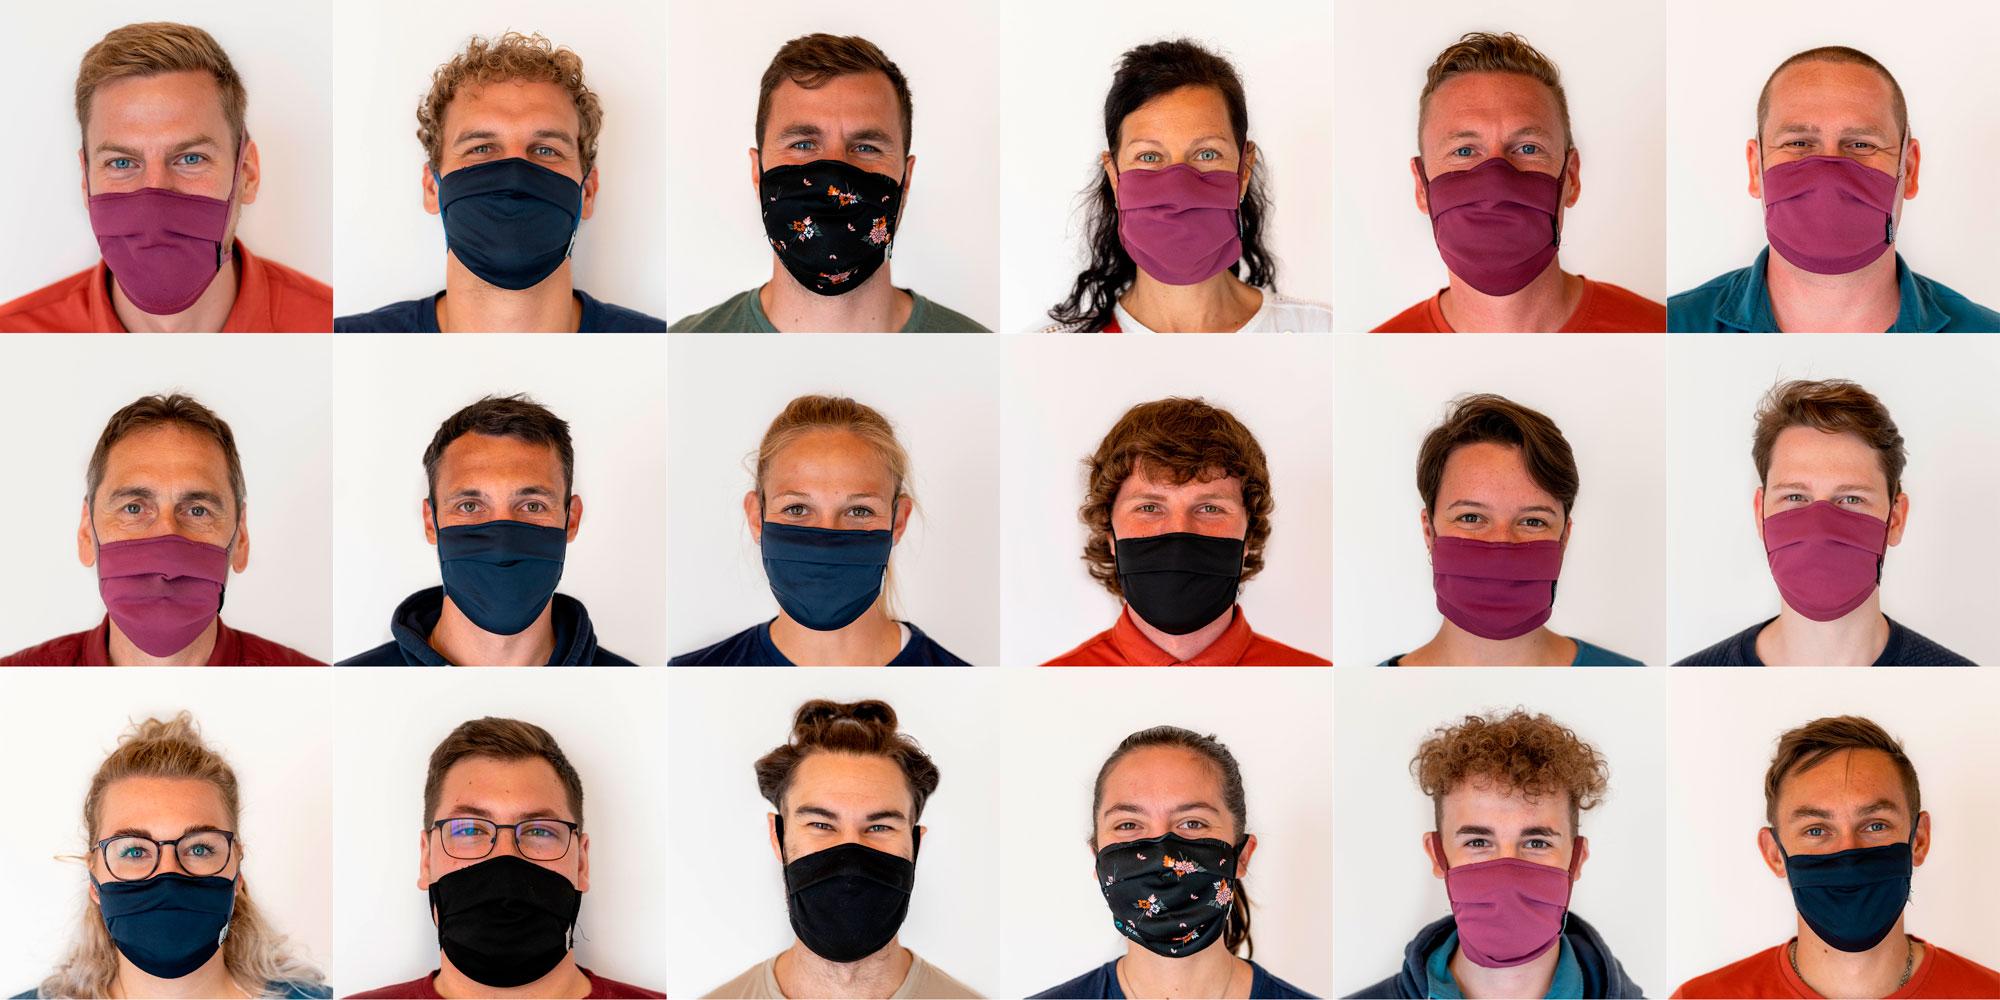 Die Mimik unter der Maske